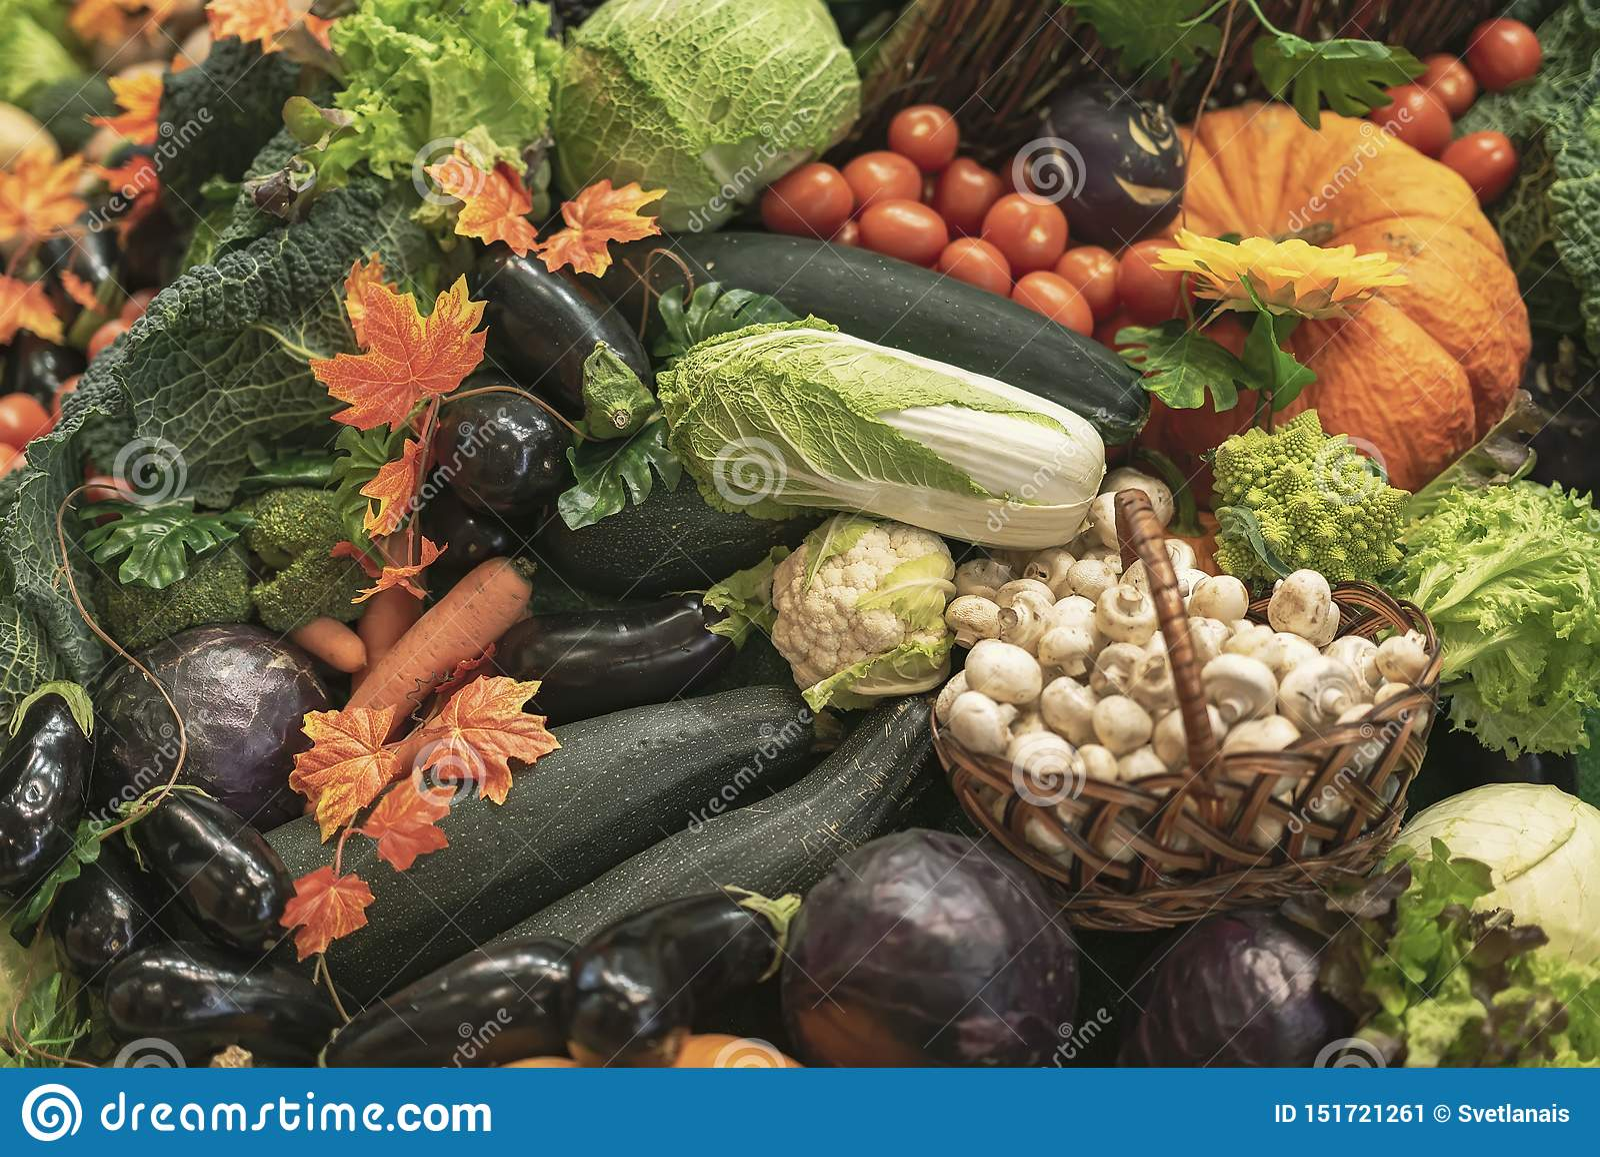 新鲜的有机蔬菜五颜六色的自然本底  Vegeterian食物、饮食和健康生活概念 r